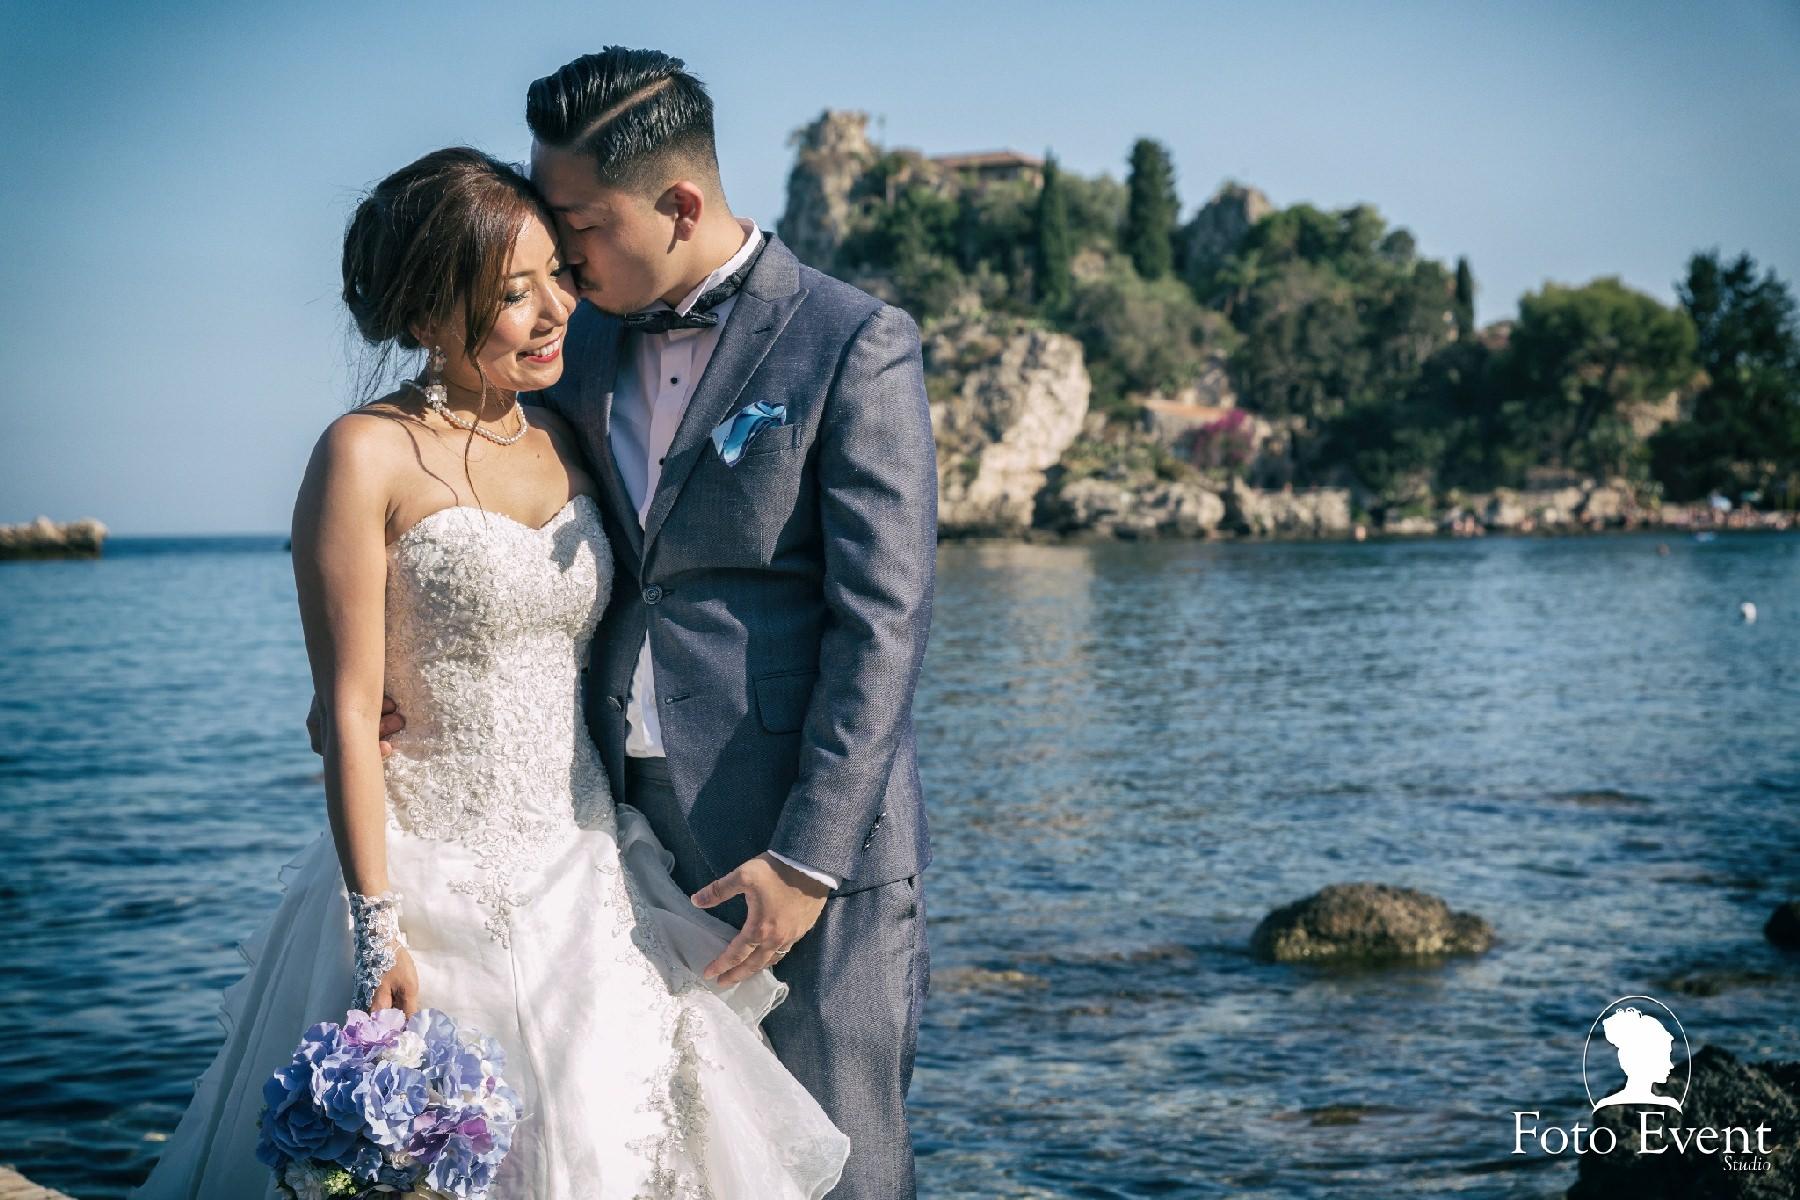 2017-07-15 Matrimonio Sayaka e Keiichi Ando 640 CD FOTO